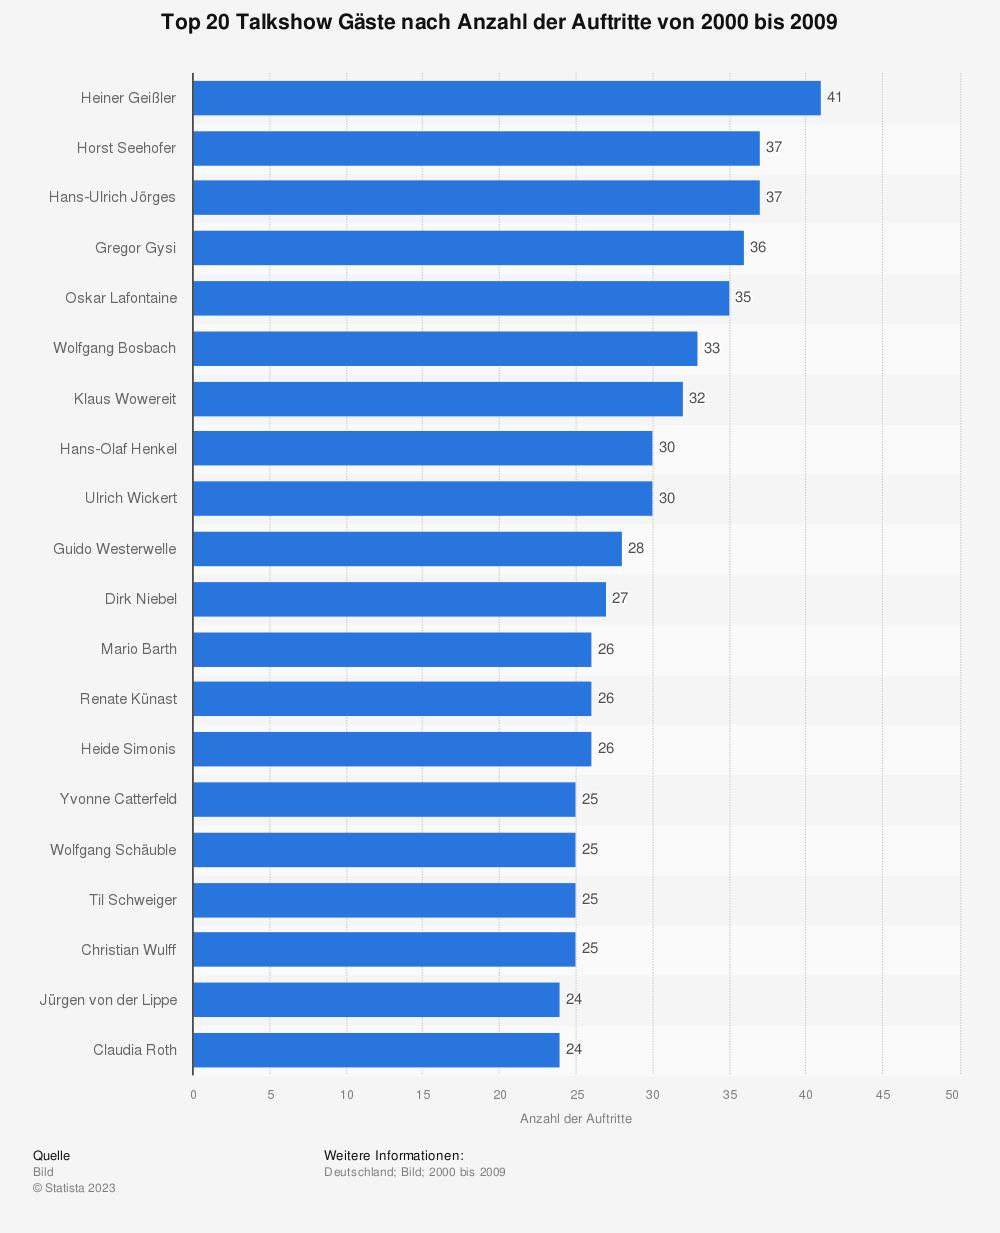 Statistik: Top 20 Talkshow Gäste nach Anzahl der Auftritte von 2000 bis 2009 | Statista